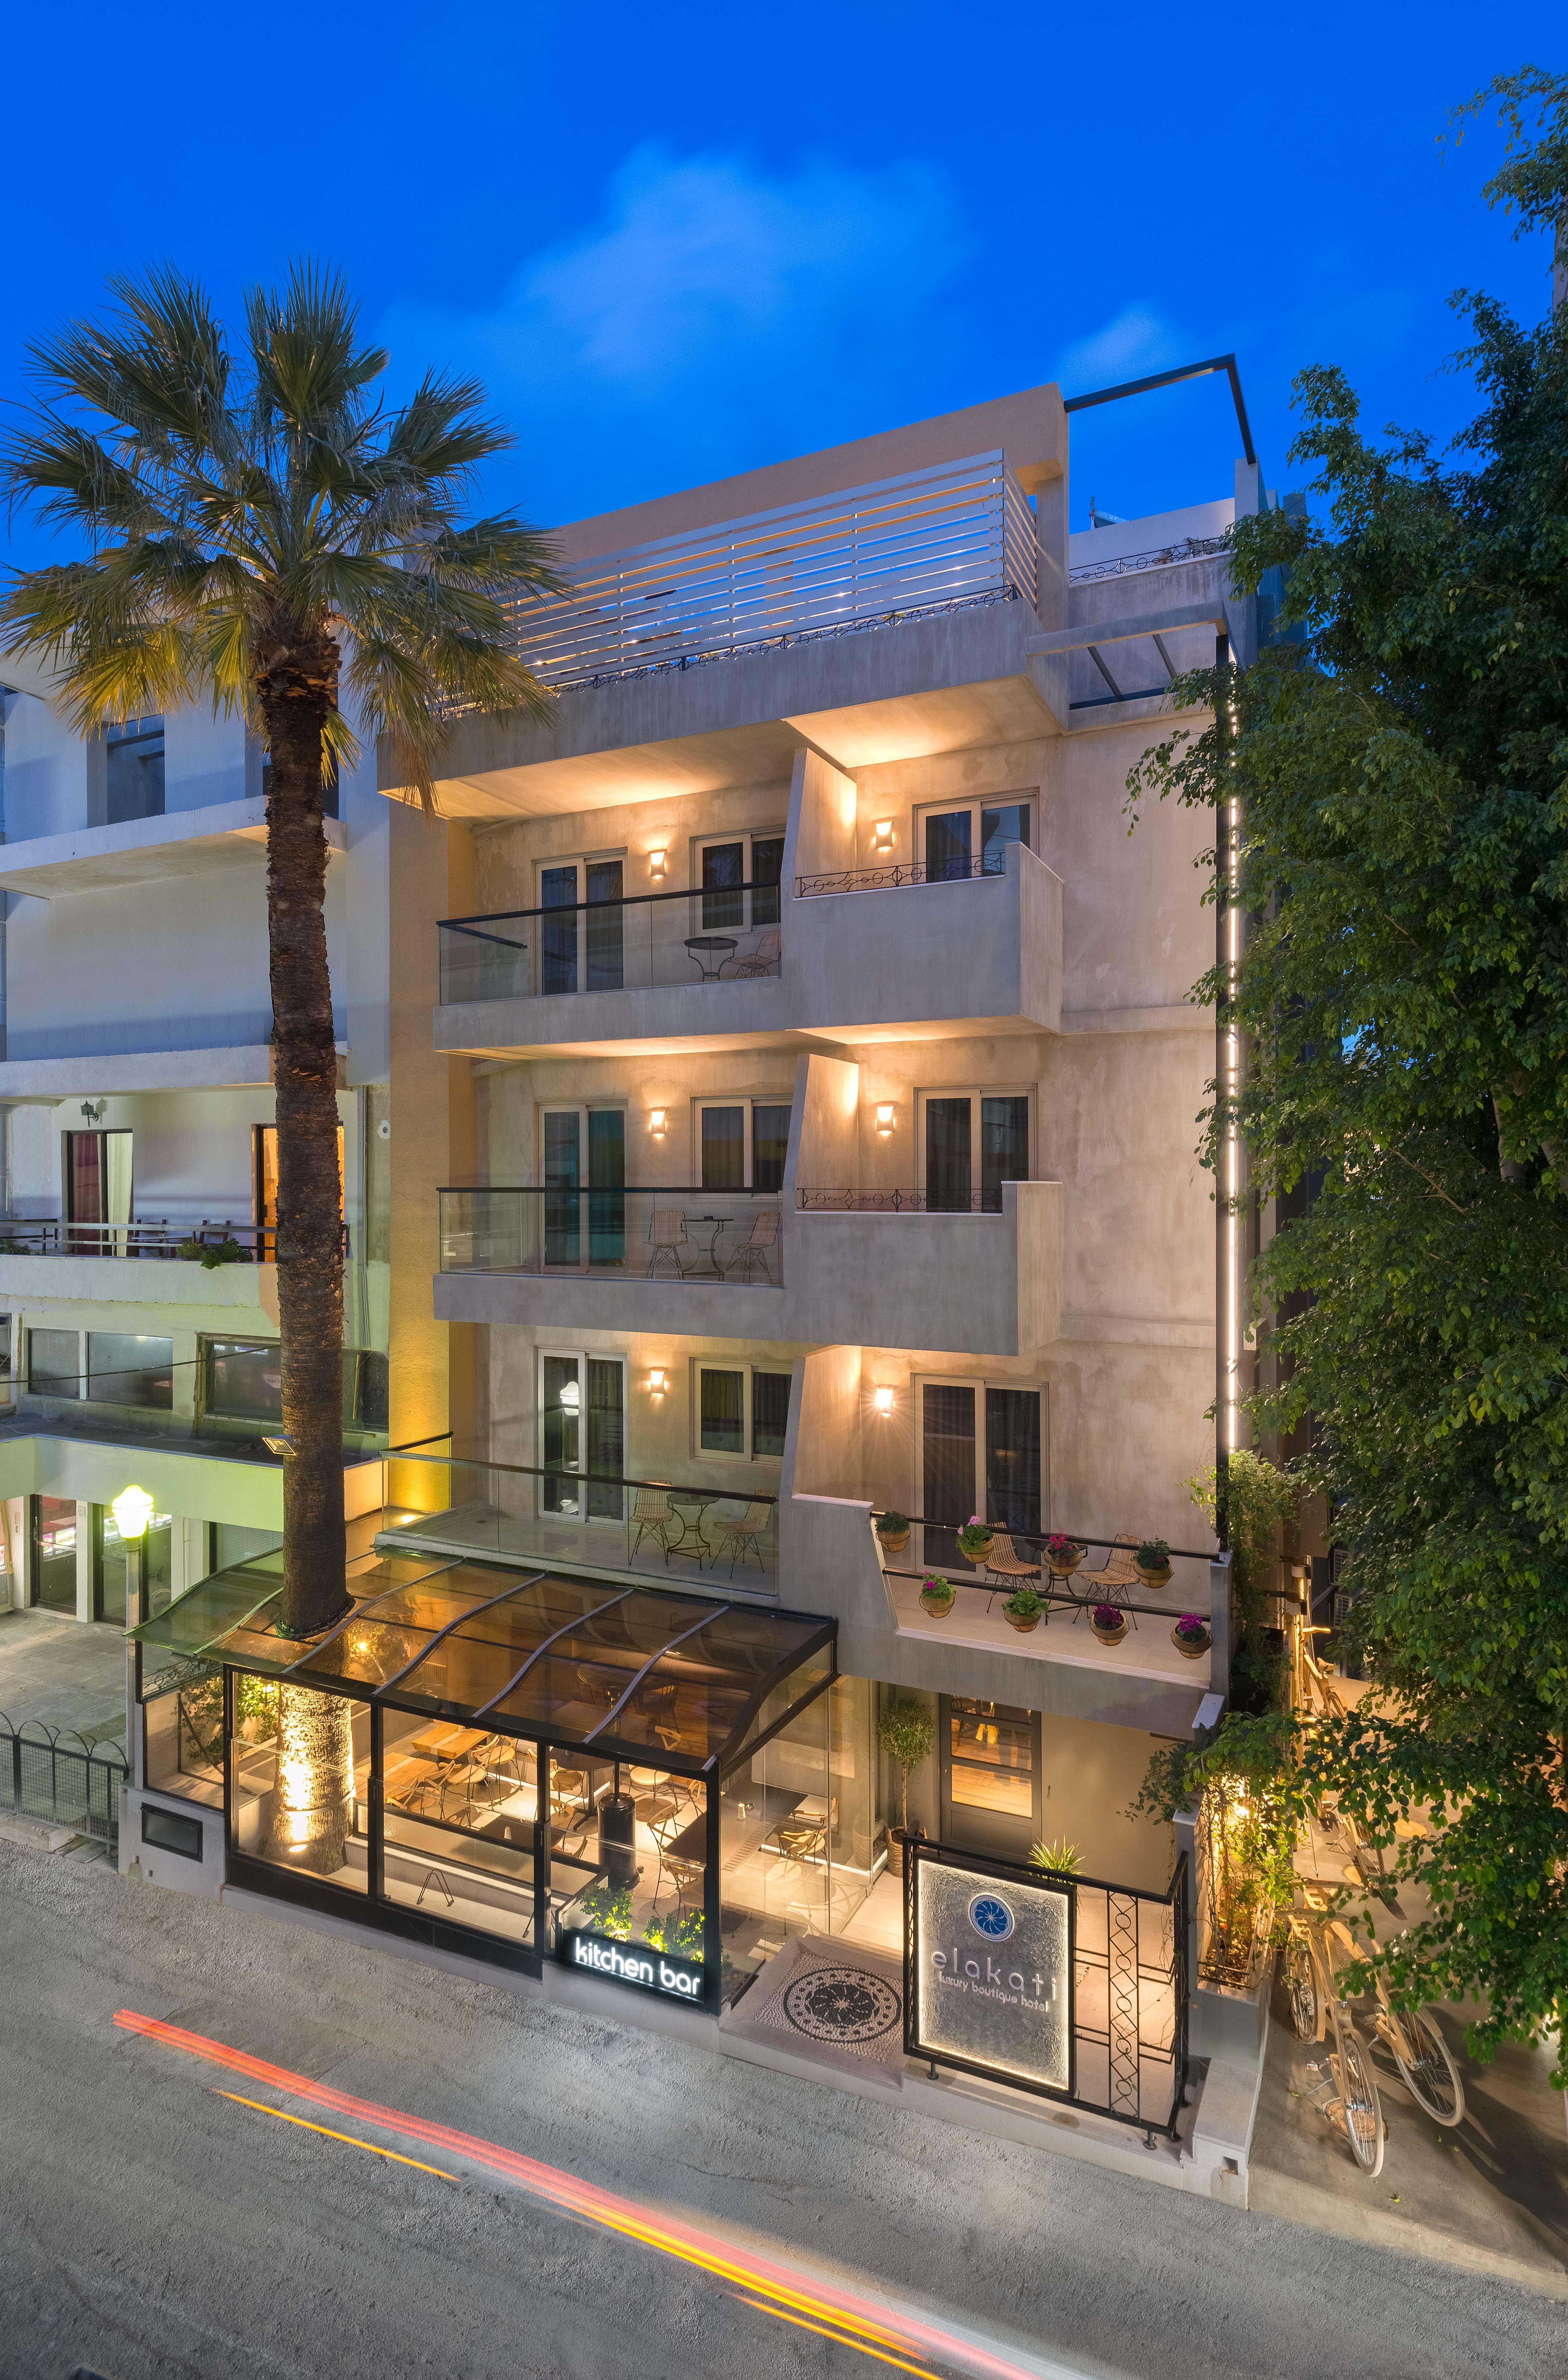 Elakati Luxury Boutique Hotel, South Aegean